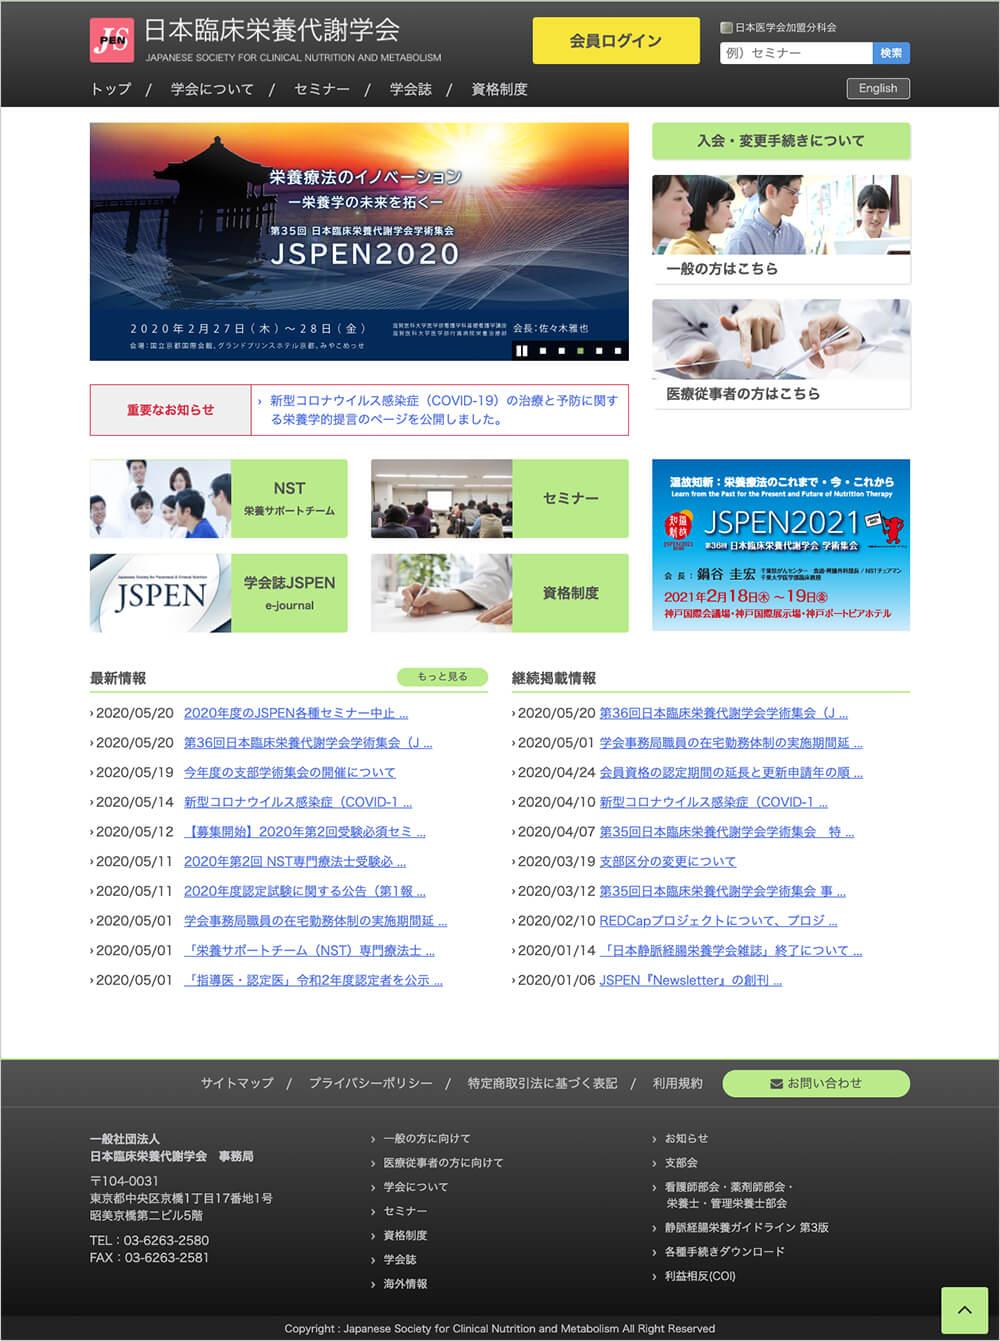 日本臨床栄養代謝学会(JSPEN)